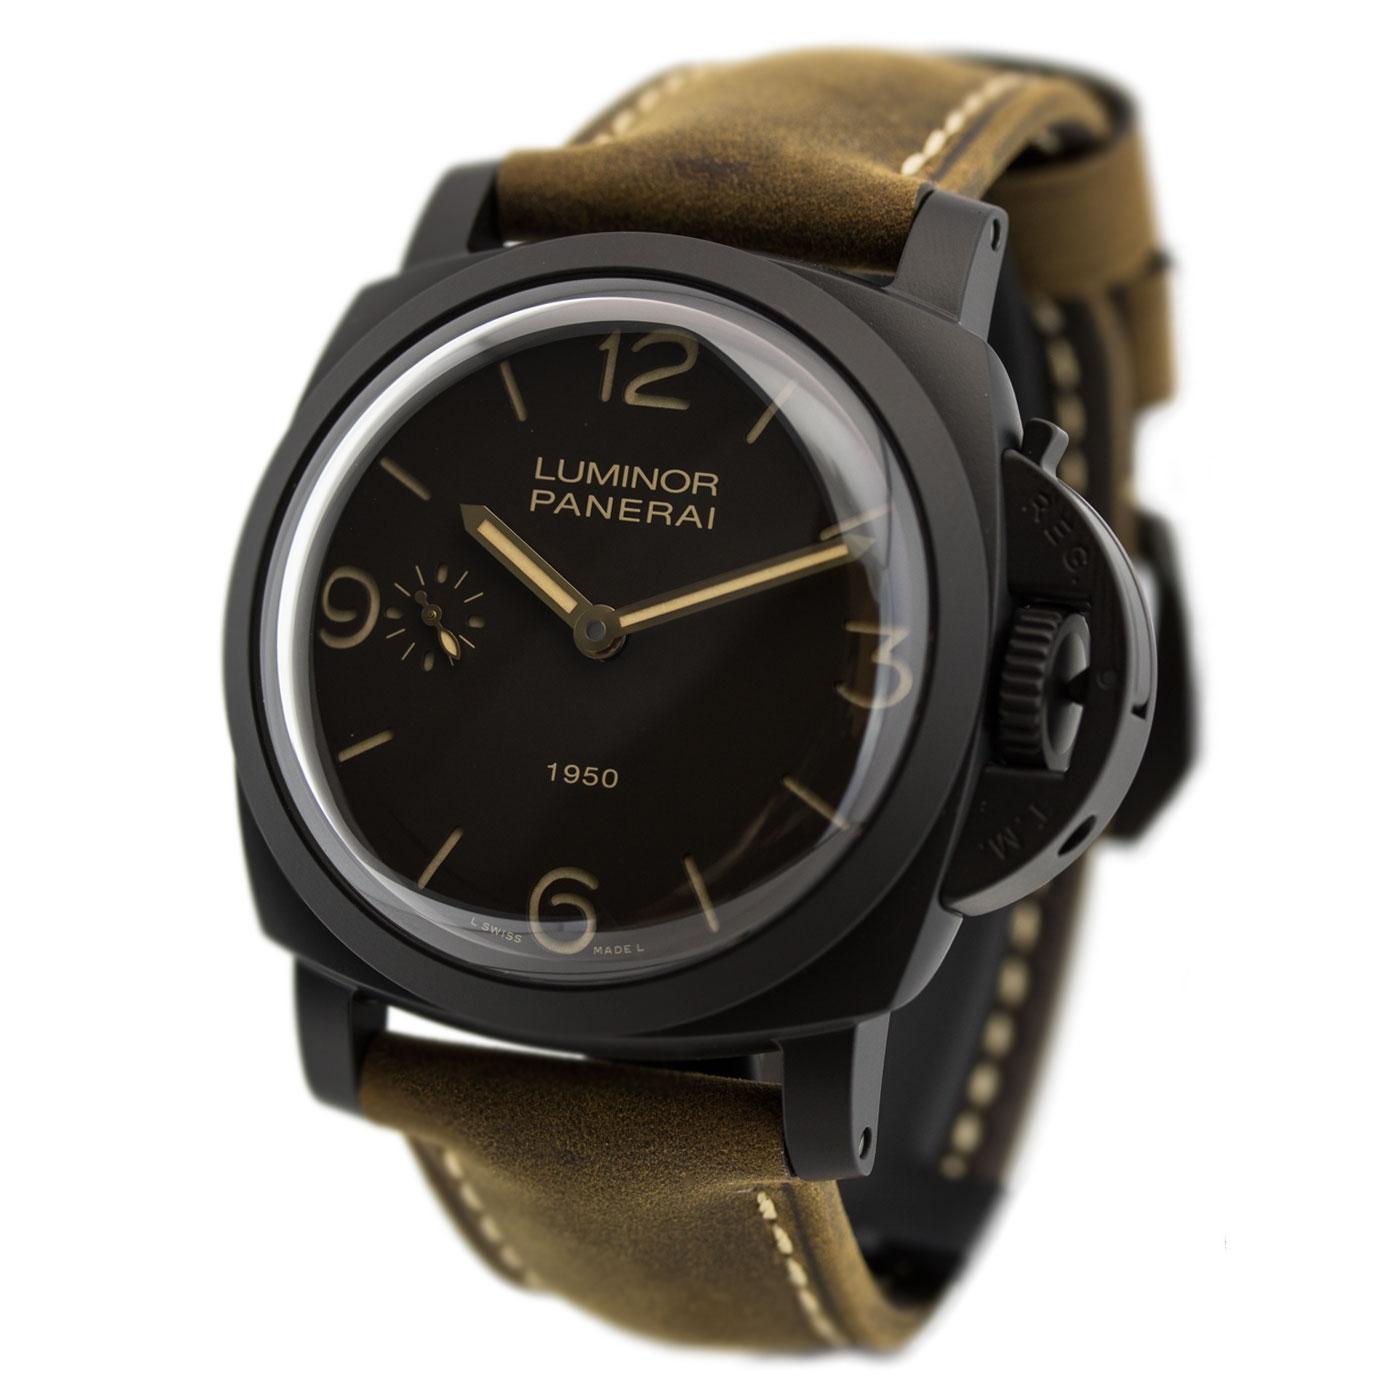 Panerai часы - это оптимальное сочетание современных технологий и традиционного качества производства.